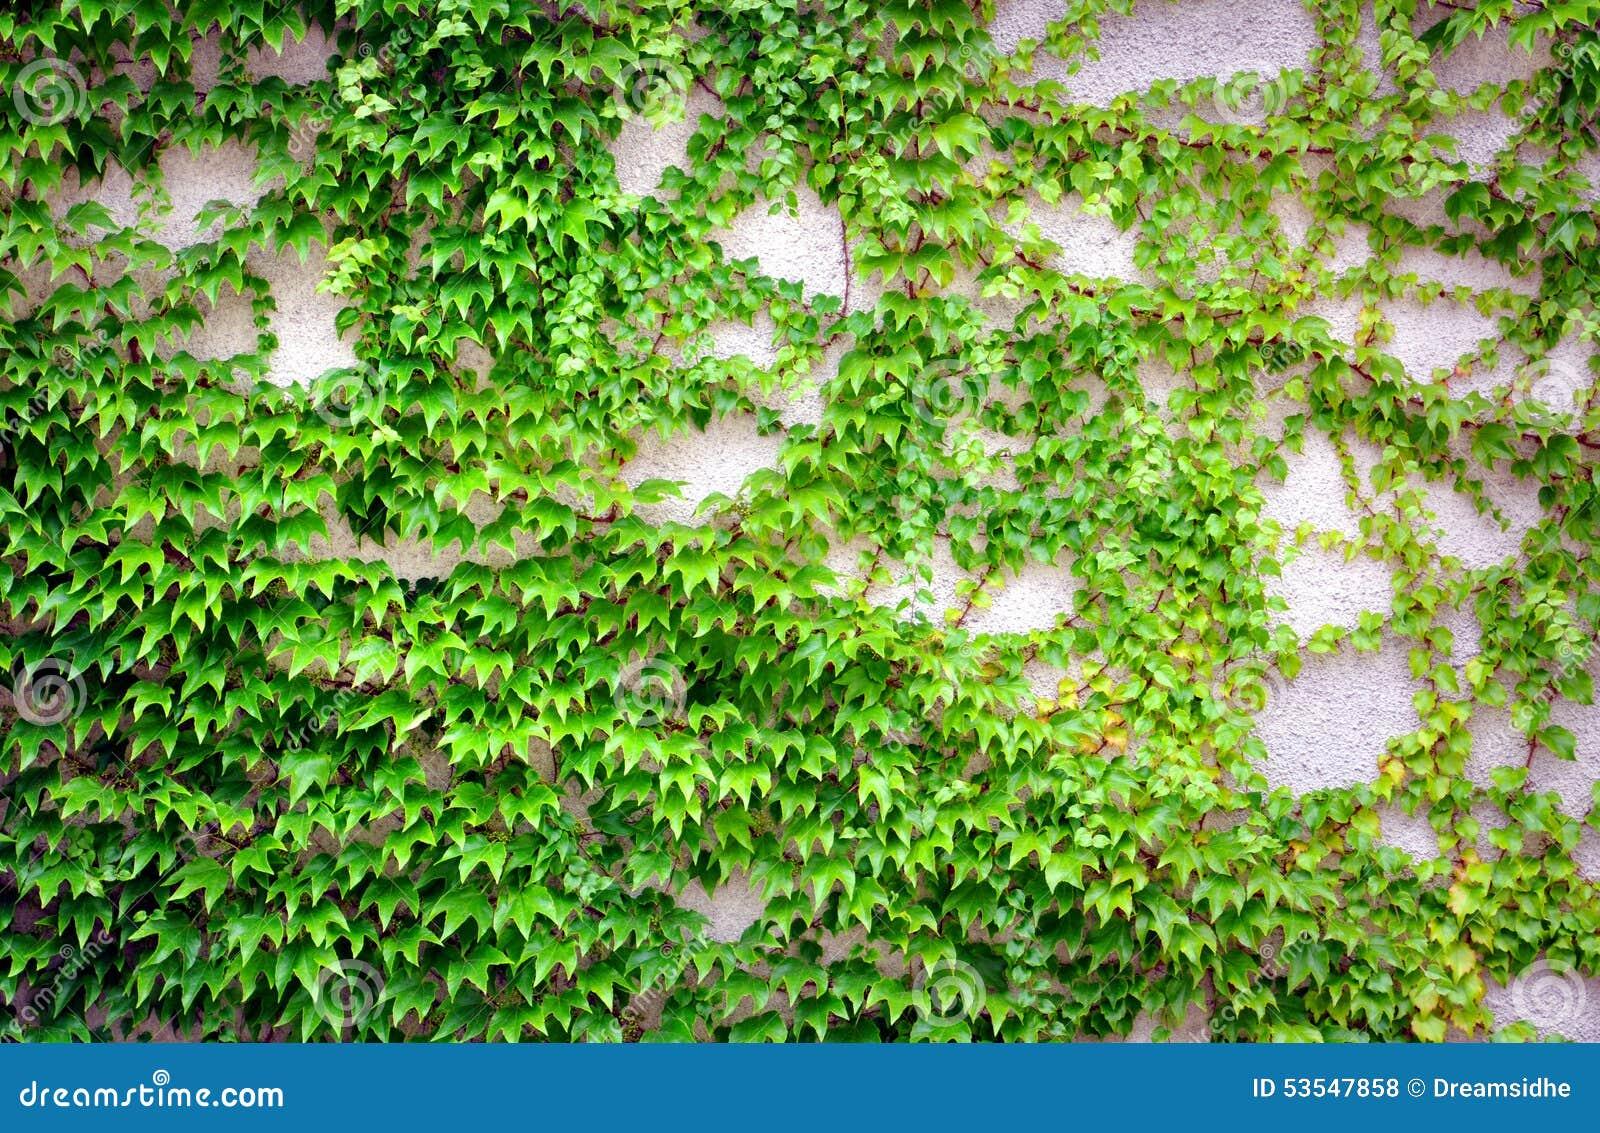 Wand Mit Efeu Stockfoto. Bild Von Grün, Fassade, Muster